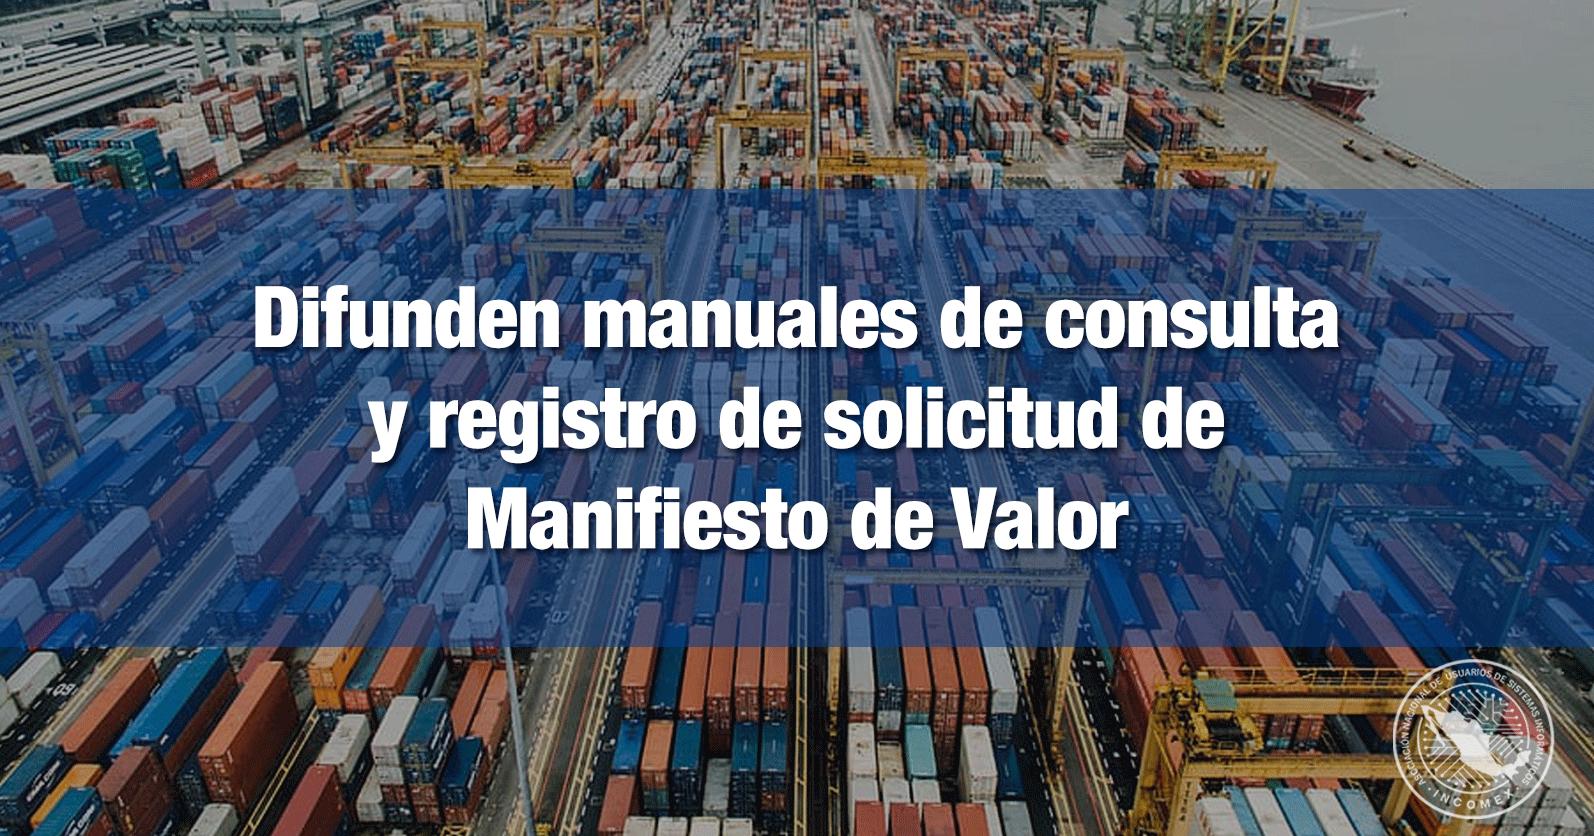 Difunden manuales de consulta y registro de solicitud de Manifiesto de Valor